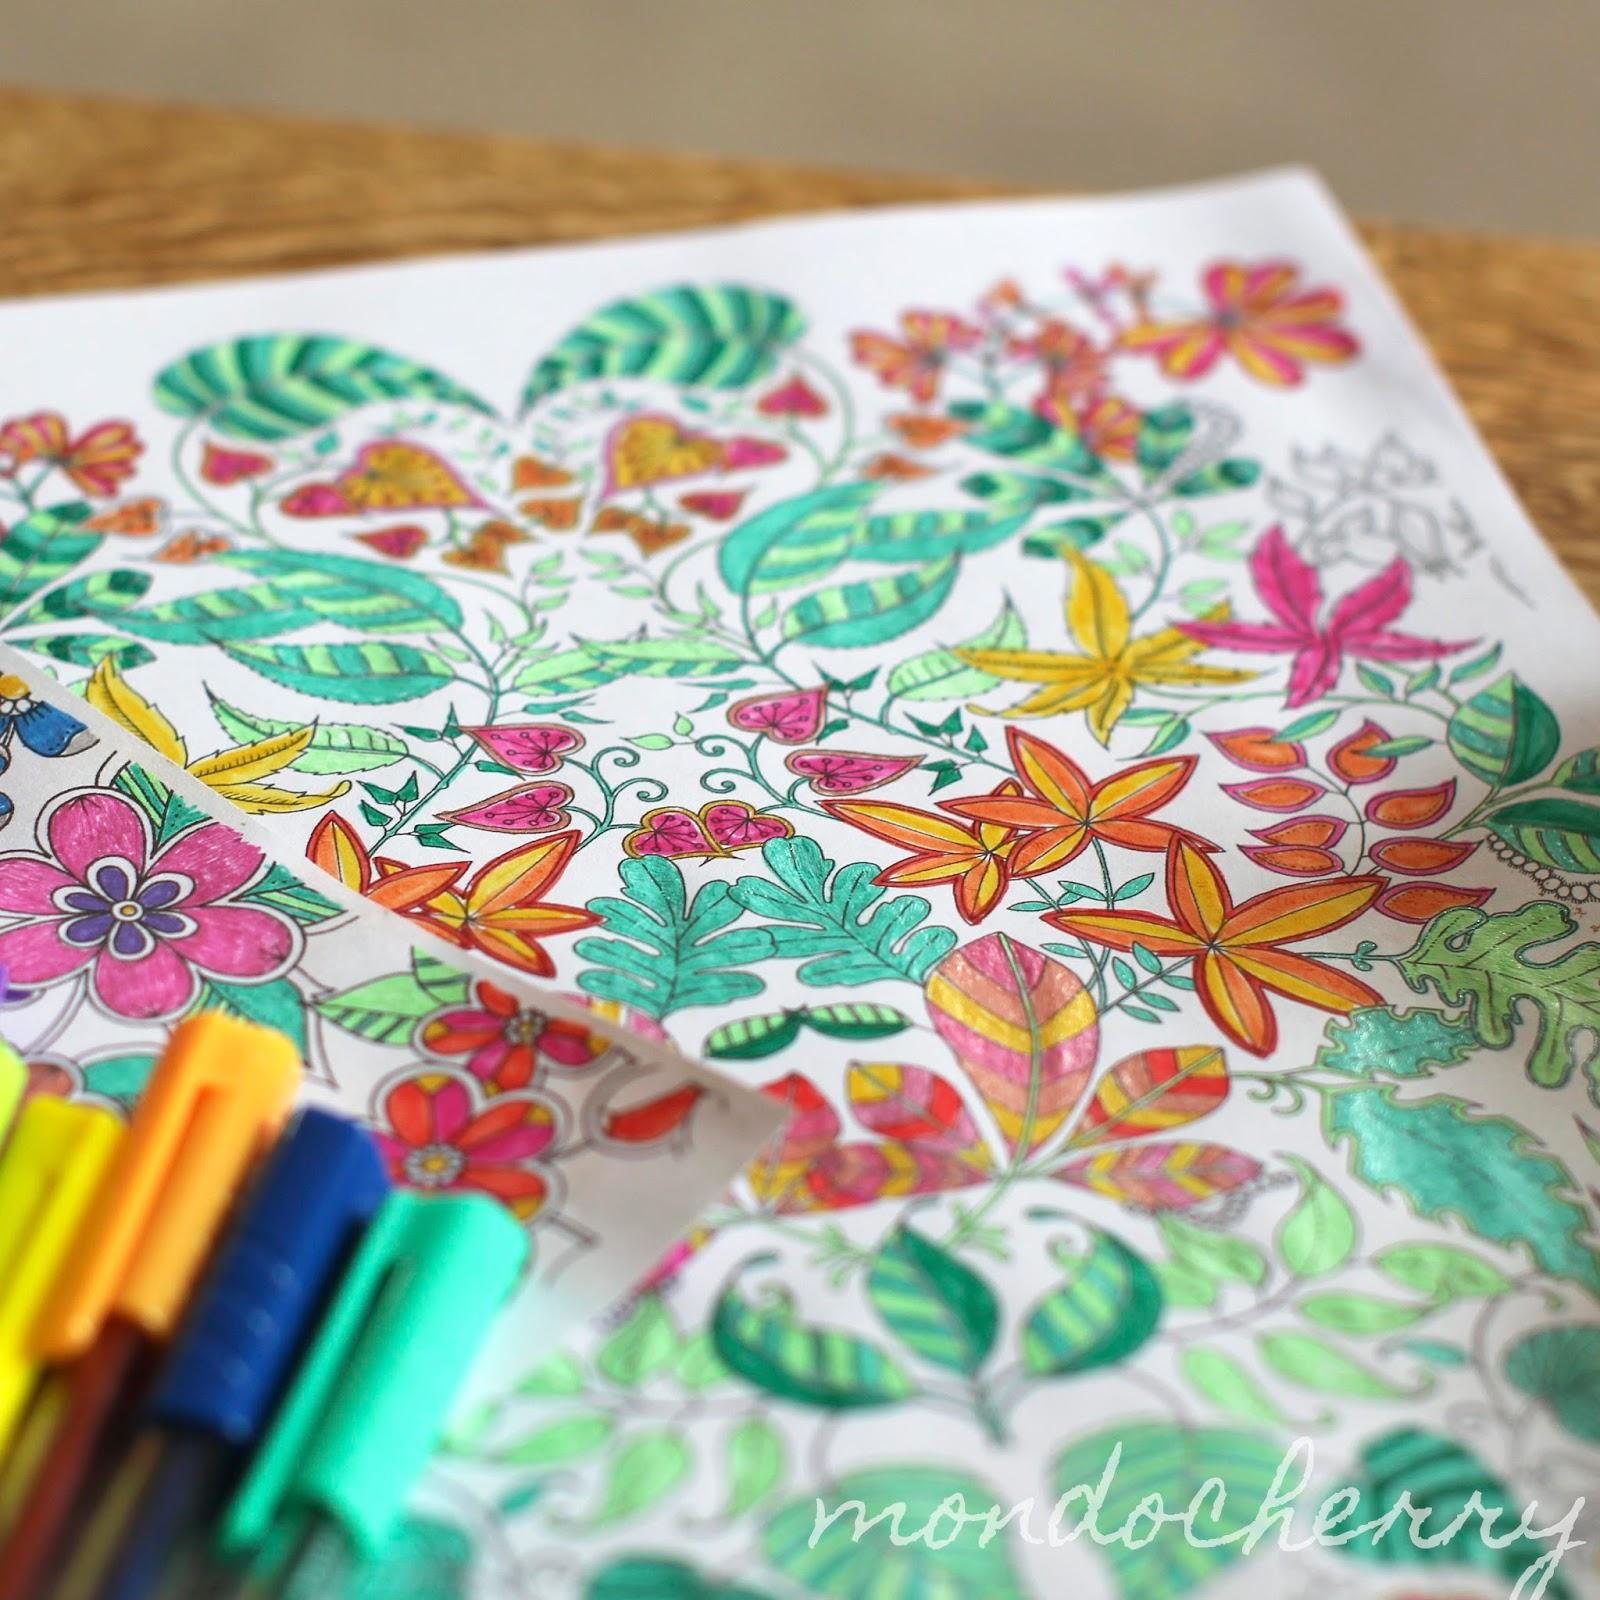 The Secret Garden Coloring Book Pens Thestout